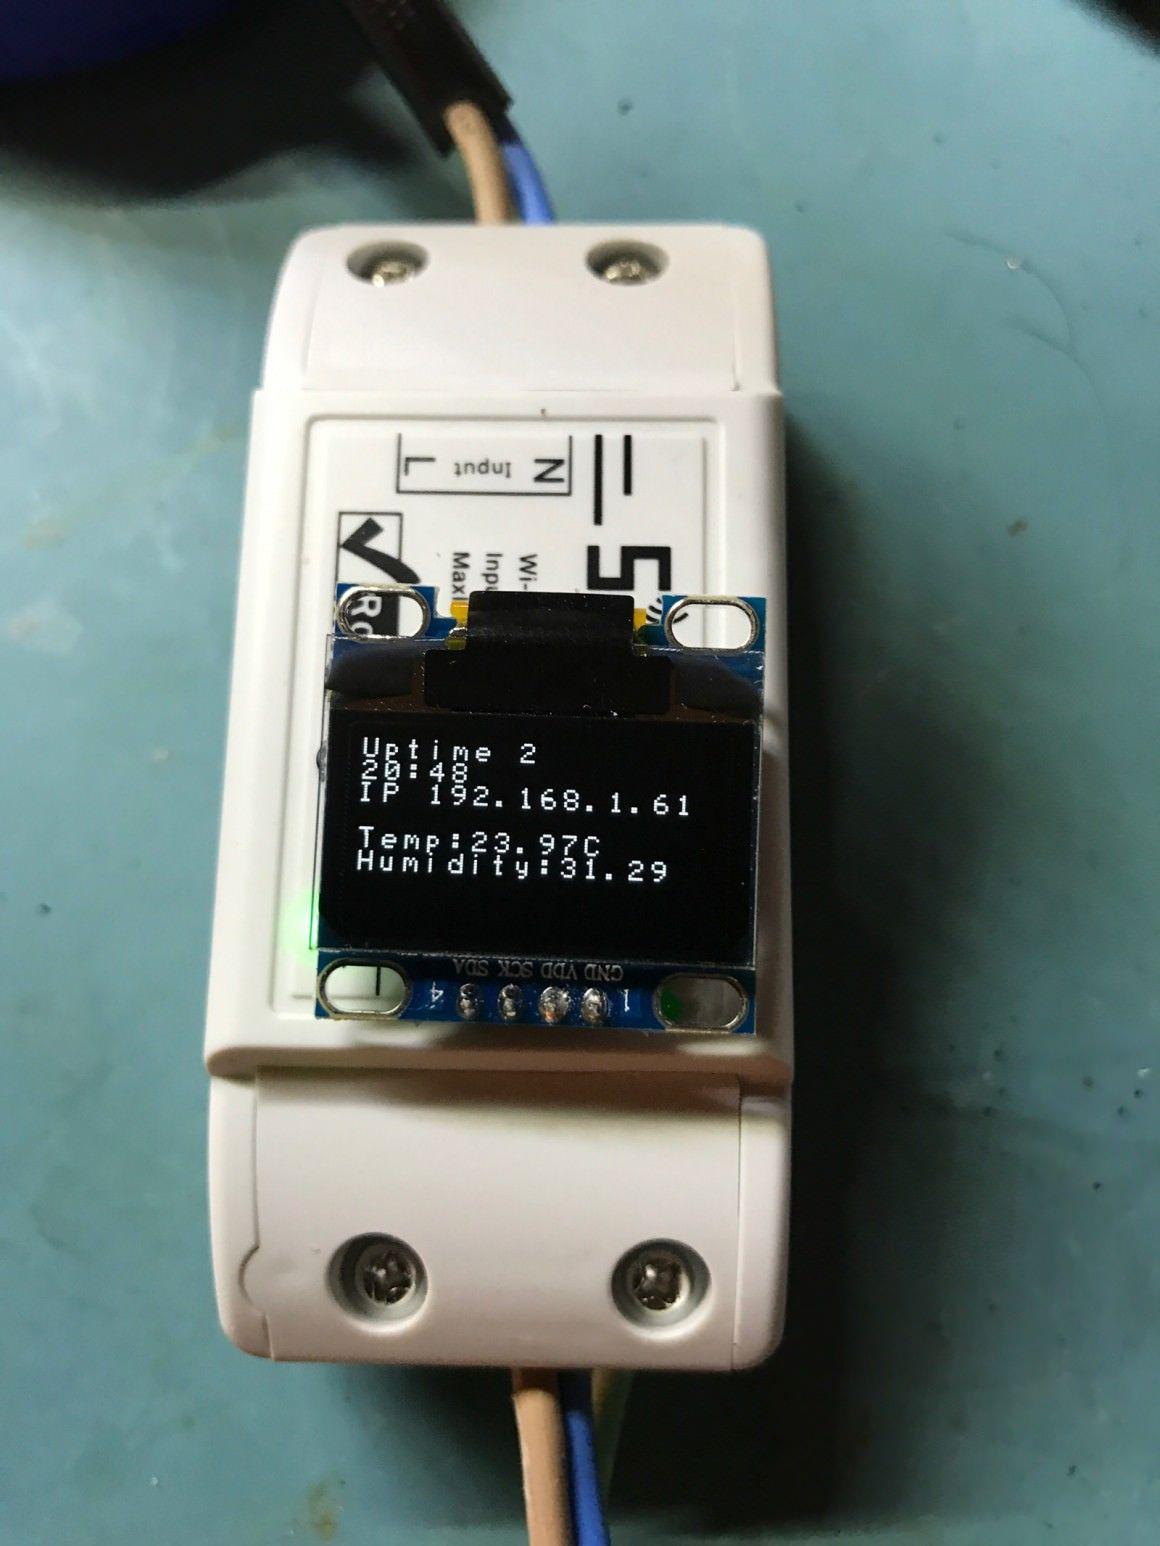 sonoff wifi smart switch with i2c port jackenhack arduino wireless circuit diagram electronics [ 1160 x 1546 Pixel ]